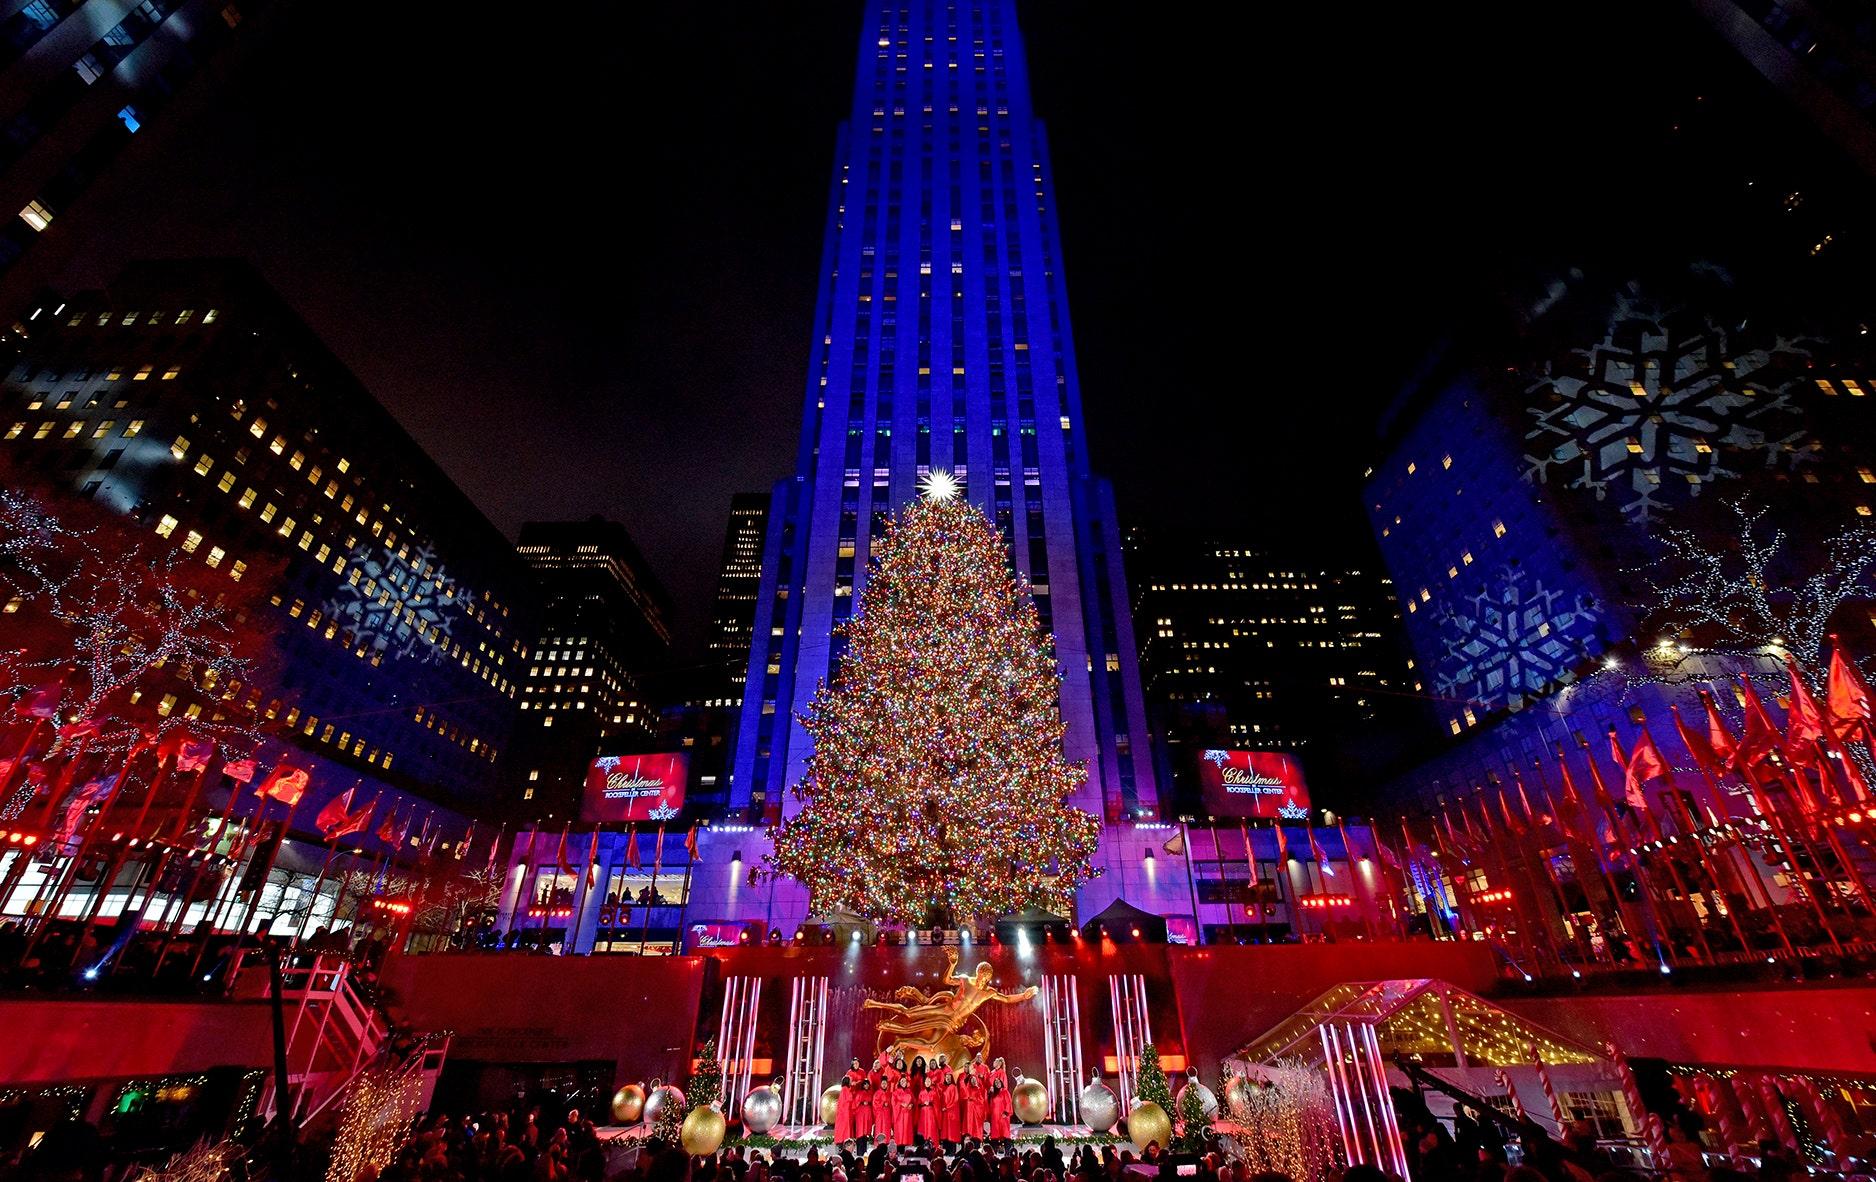 Greg Laurie: Wie haben Hoffnung durch die Trauer in der Weihnachtszeit